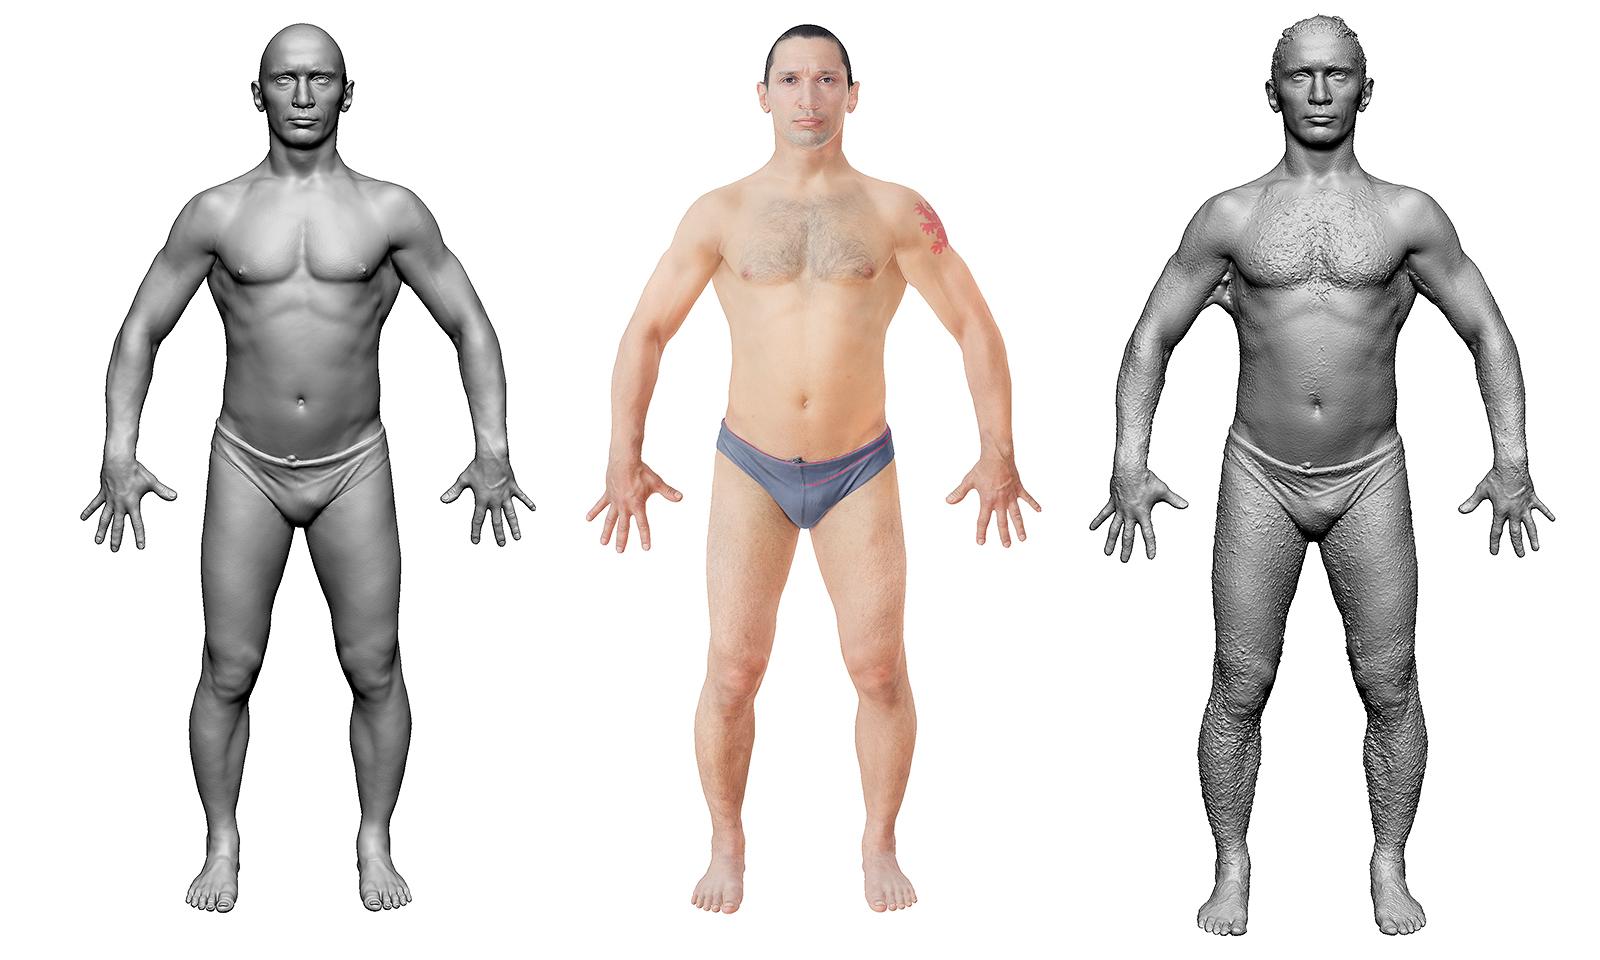 работа с 3d моделями людей